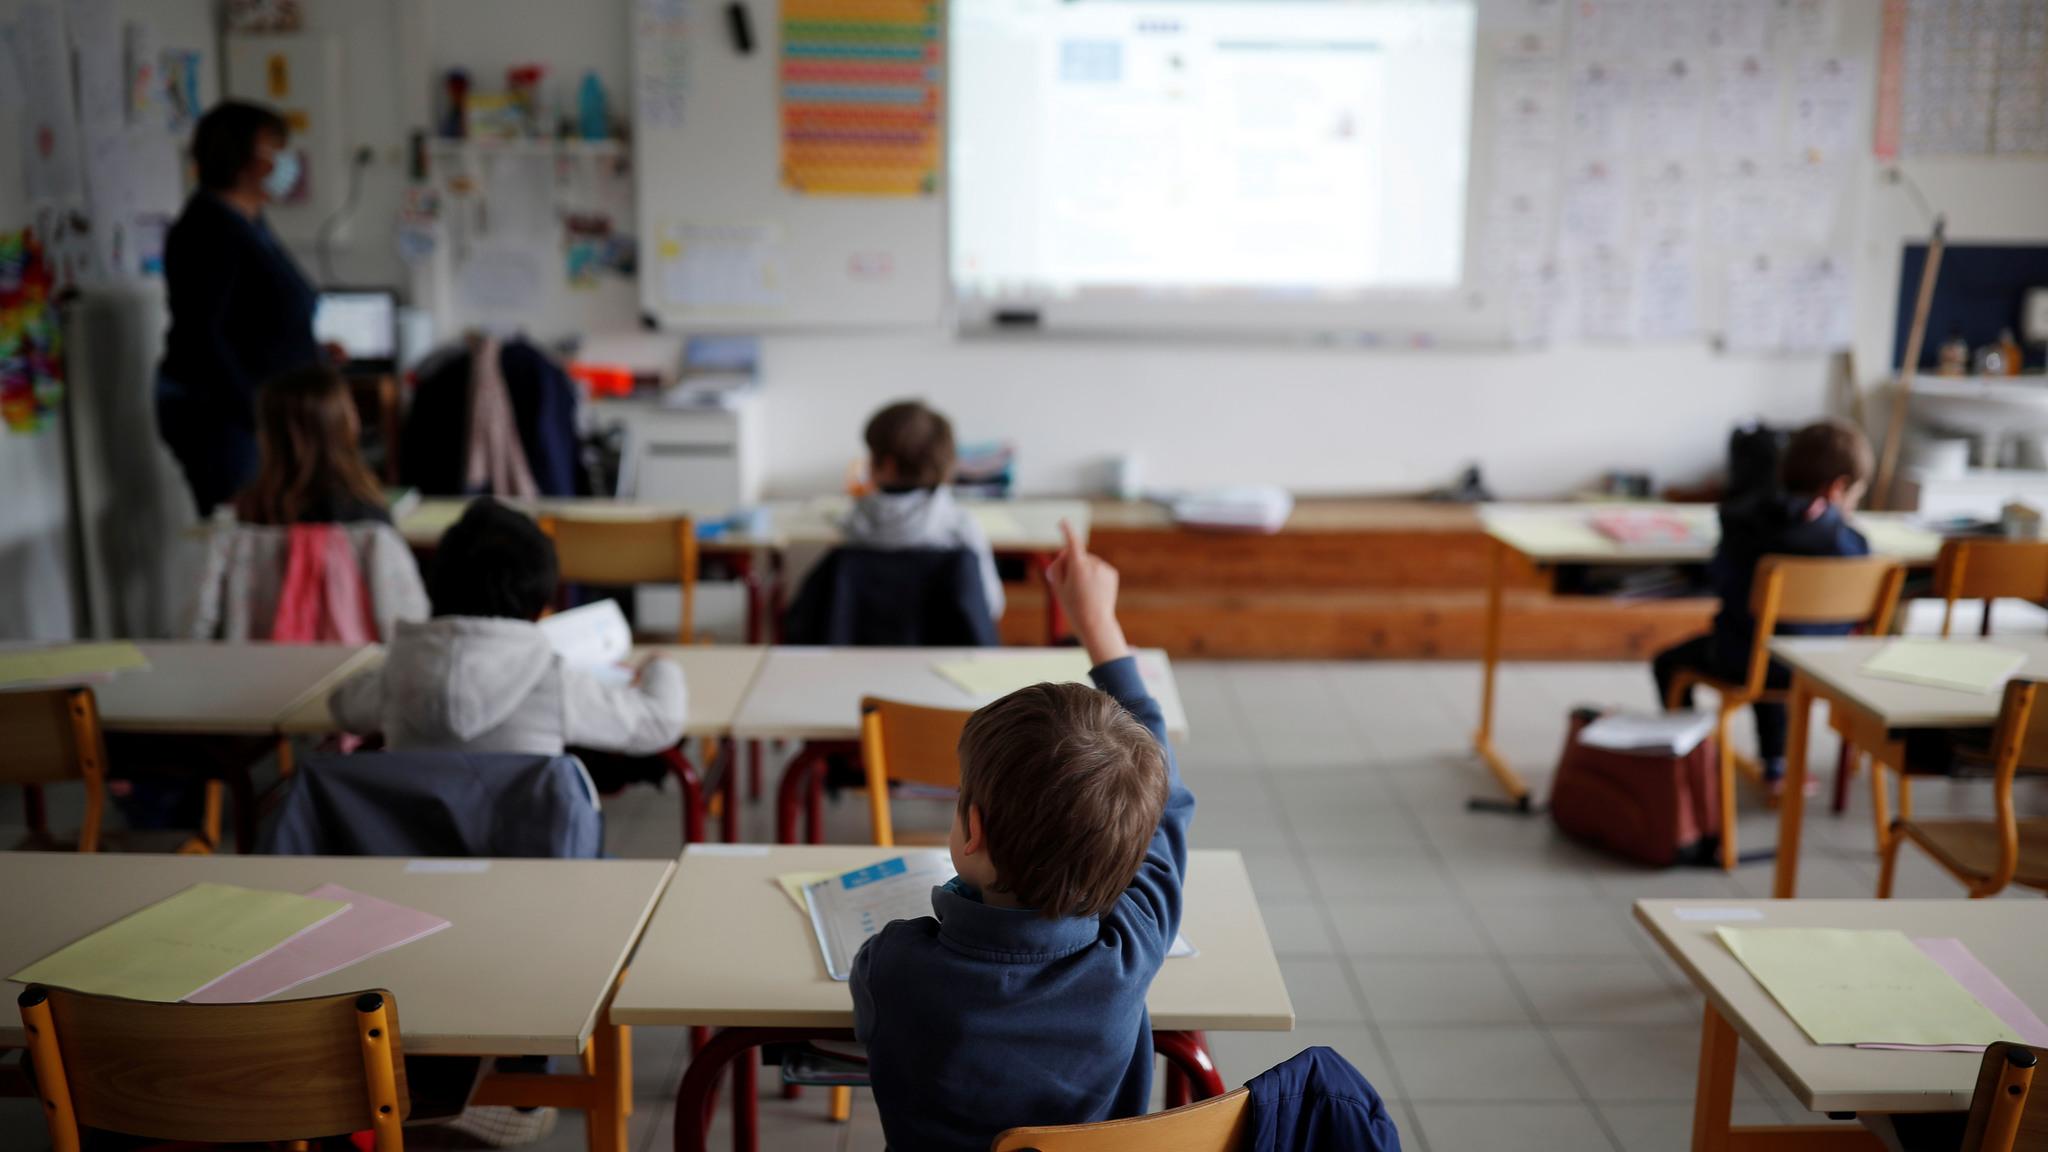 Así será el regreso a clases: tapabocas desde 1º grado, grupos rotativos y distancia de 2 metros